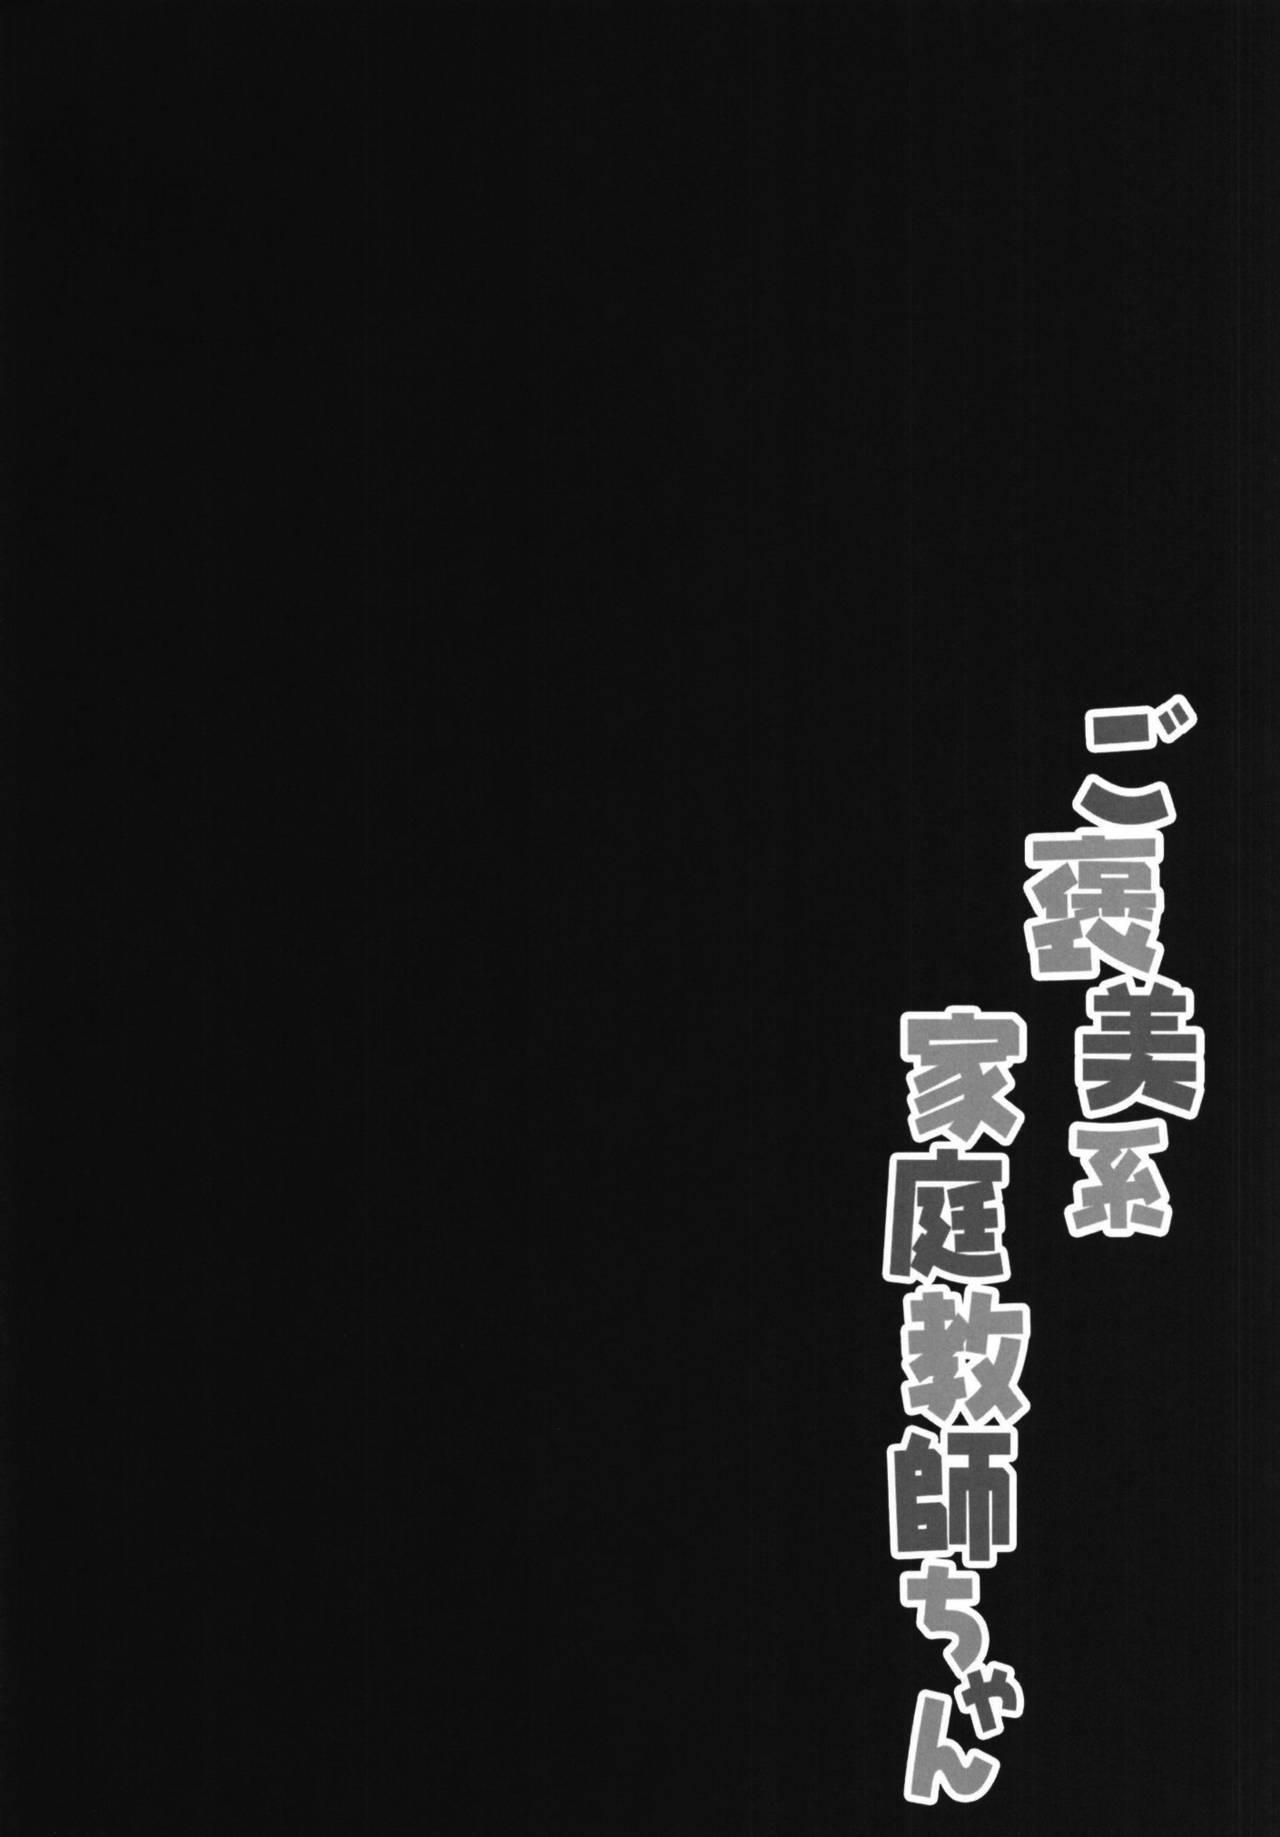 Gohoubikei Katei Kyoushi-chan 3